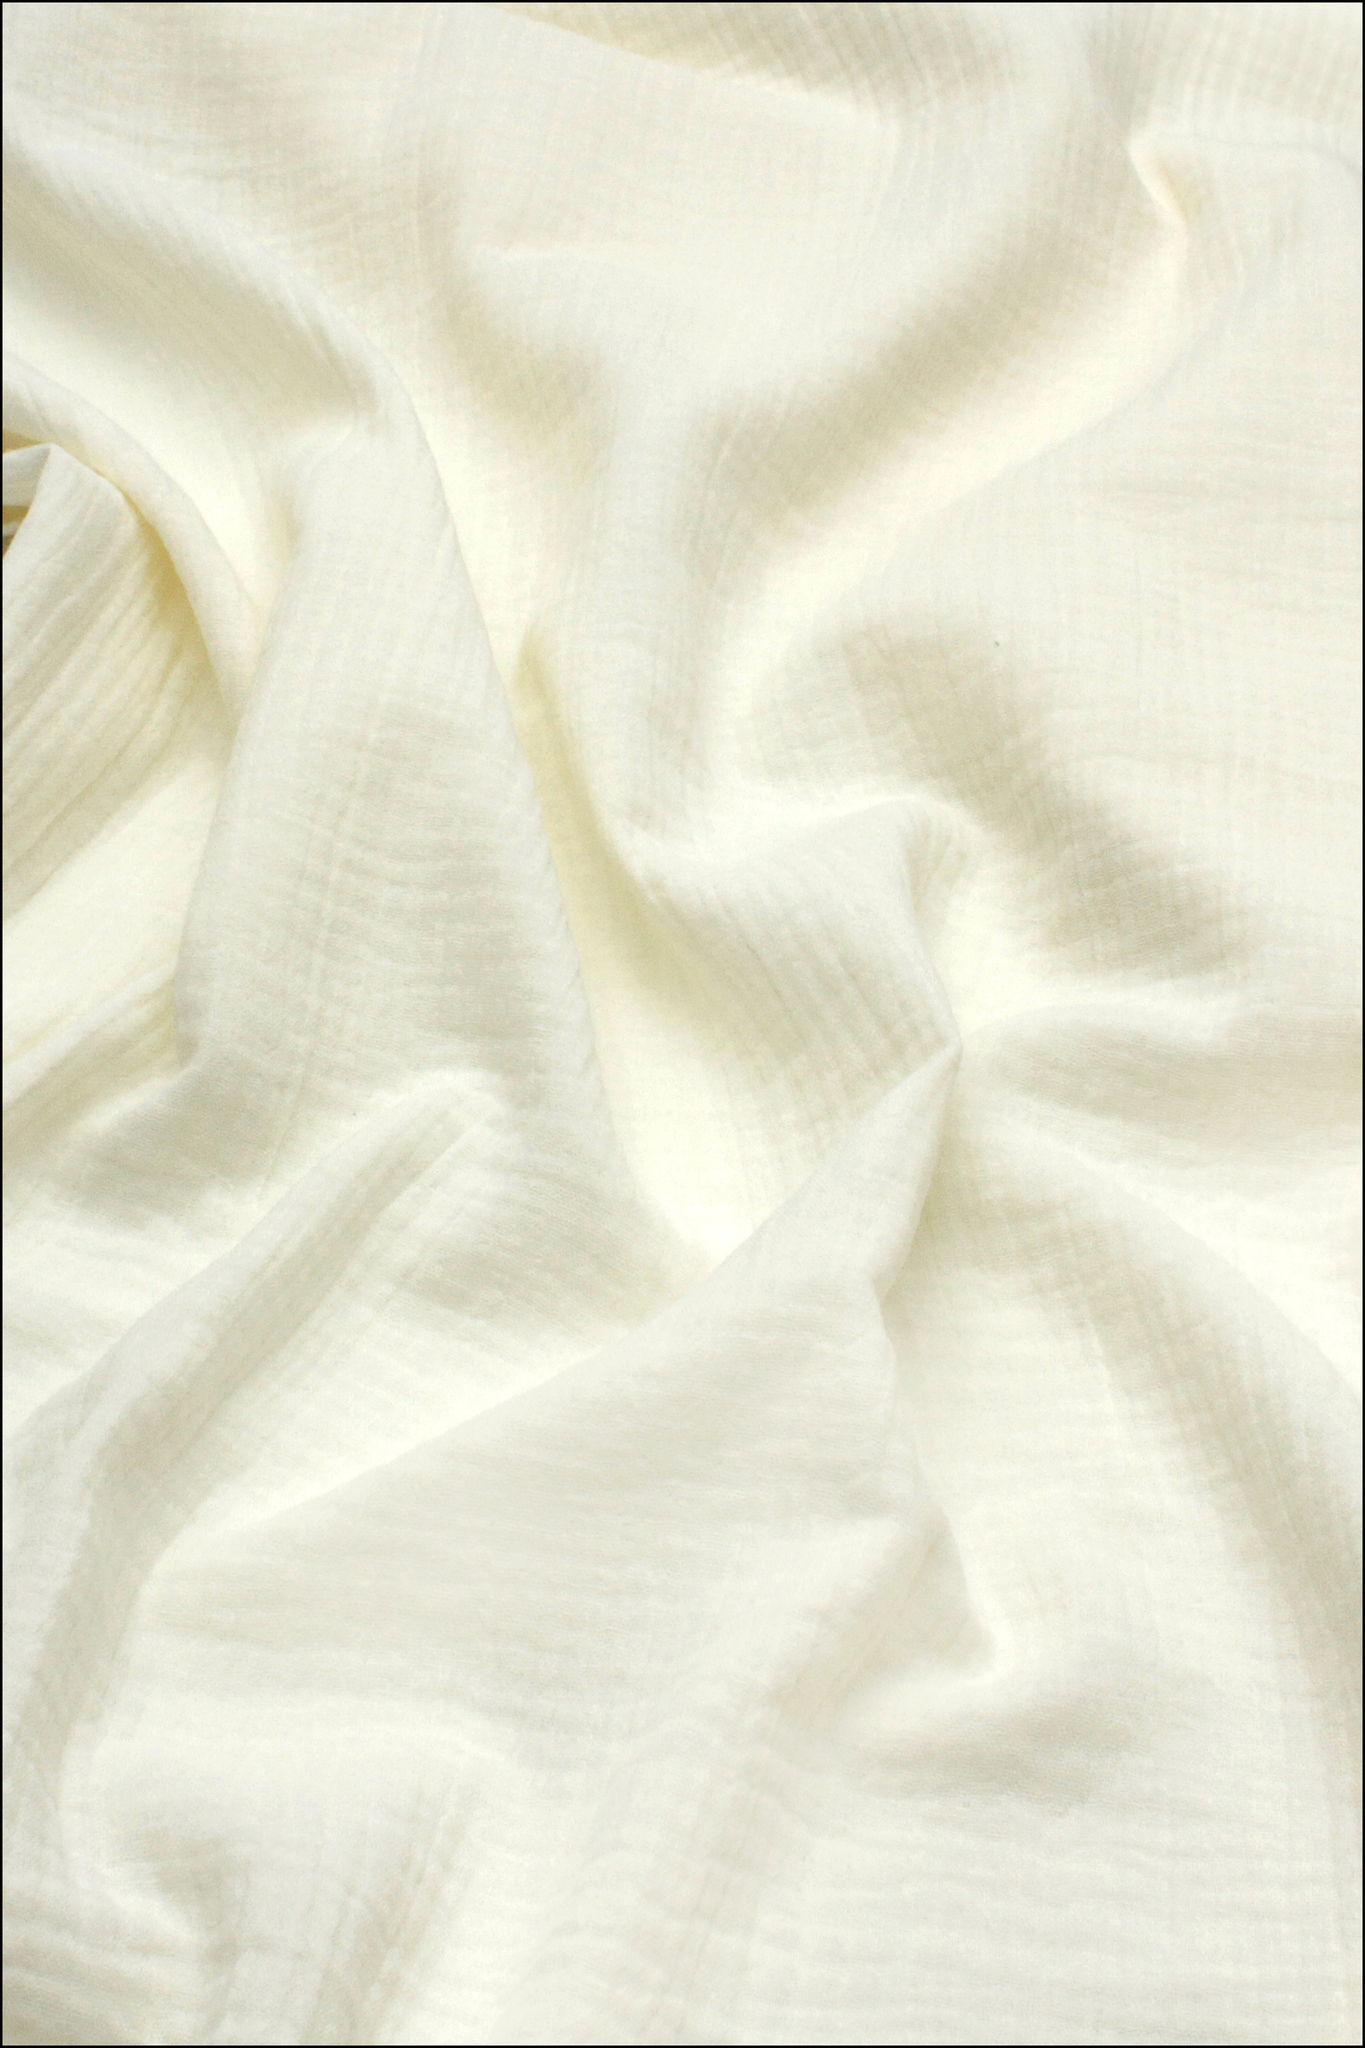 Ткань муслиновая,банановое молоко